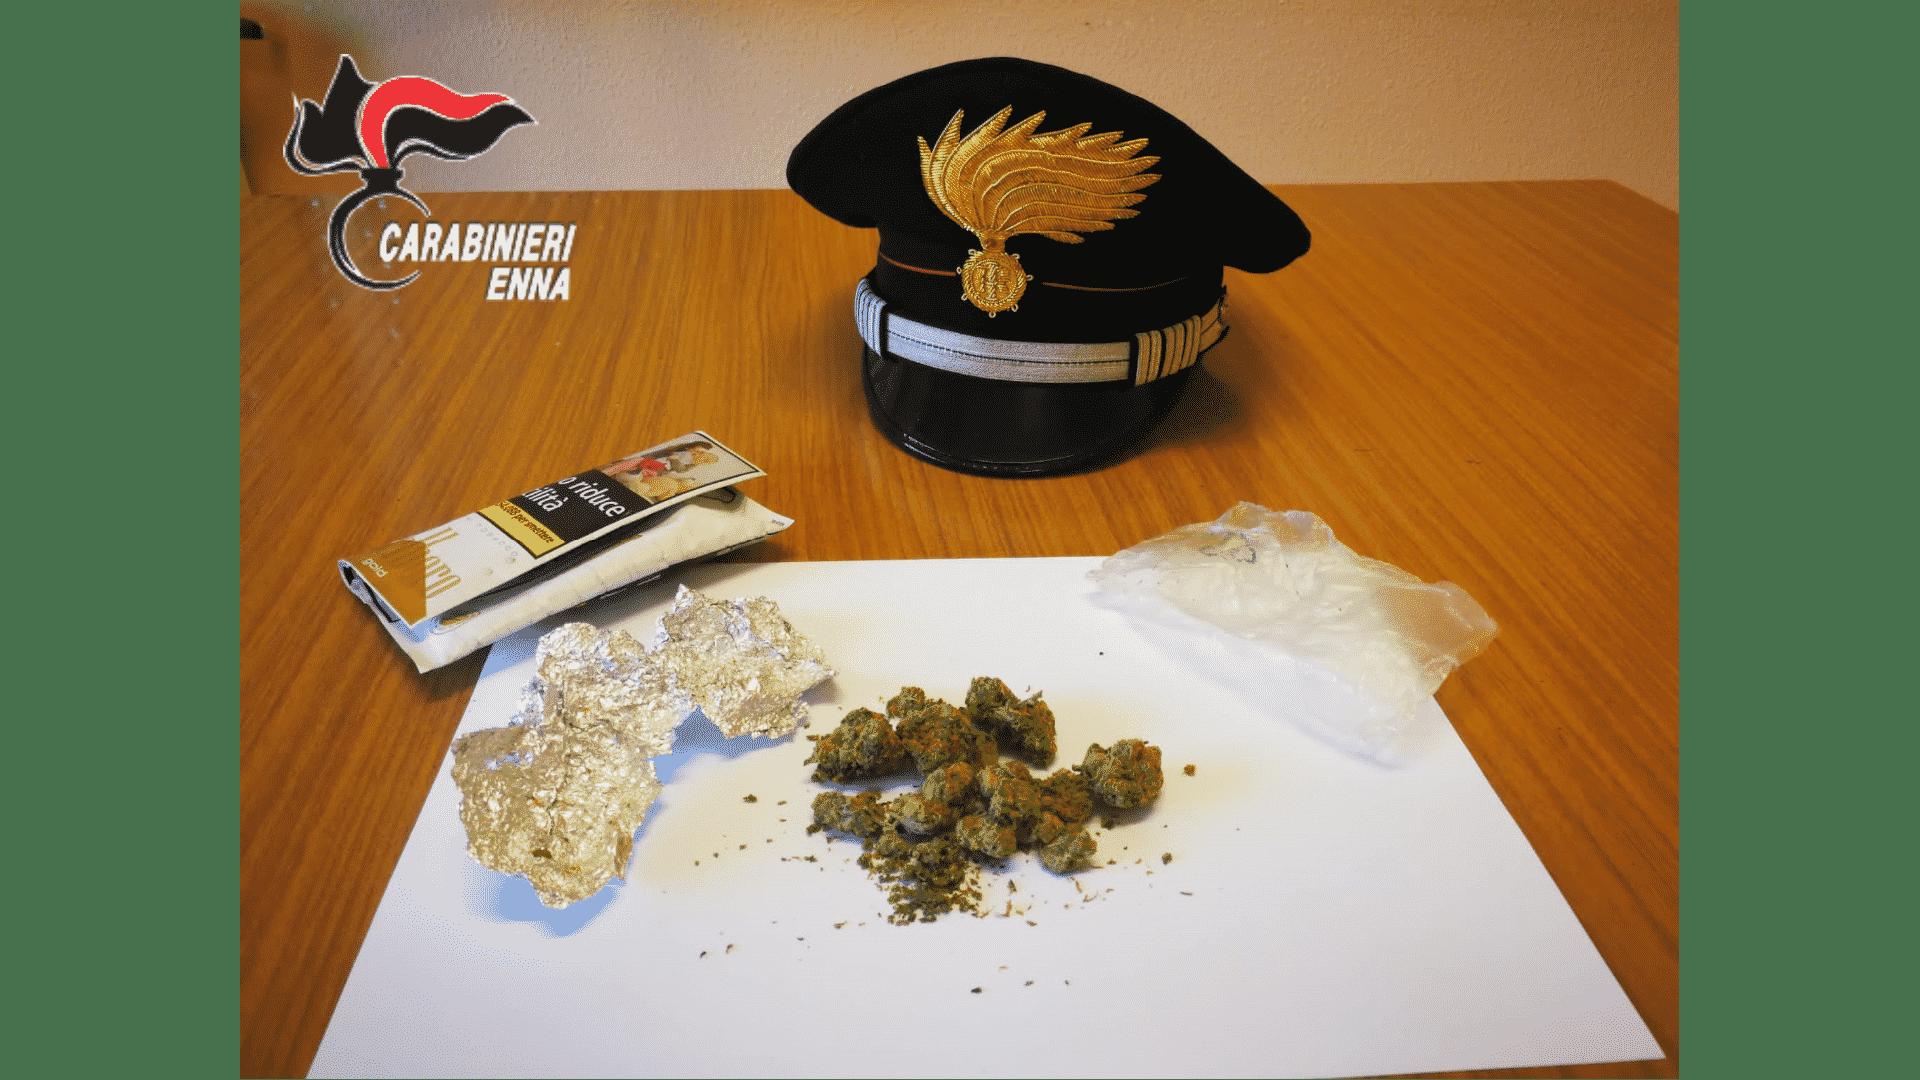 Controlli antidroga, attività incessante dei carabinieri: fermati diversi giovani con stupefacente nelle tasche